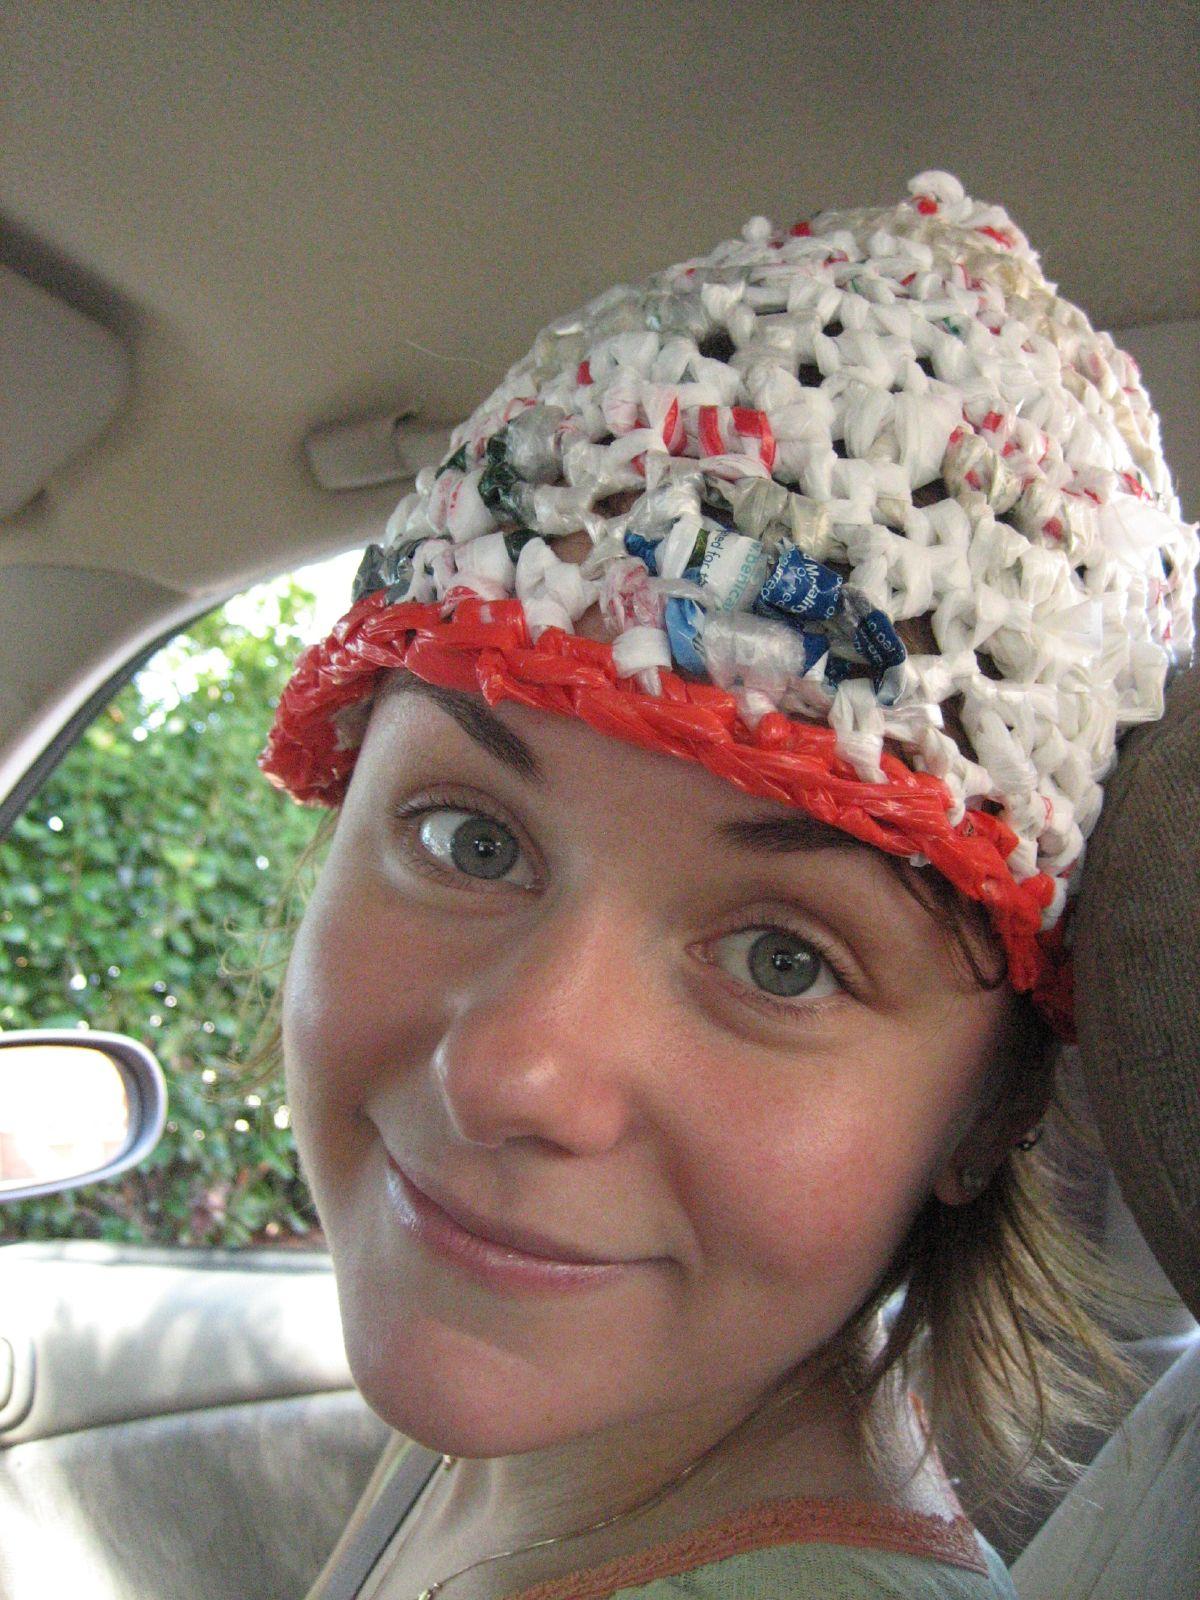 Plastic Bag Crochet : Plastic Bag Crochet Hat (2) BagsBeGone.com